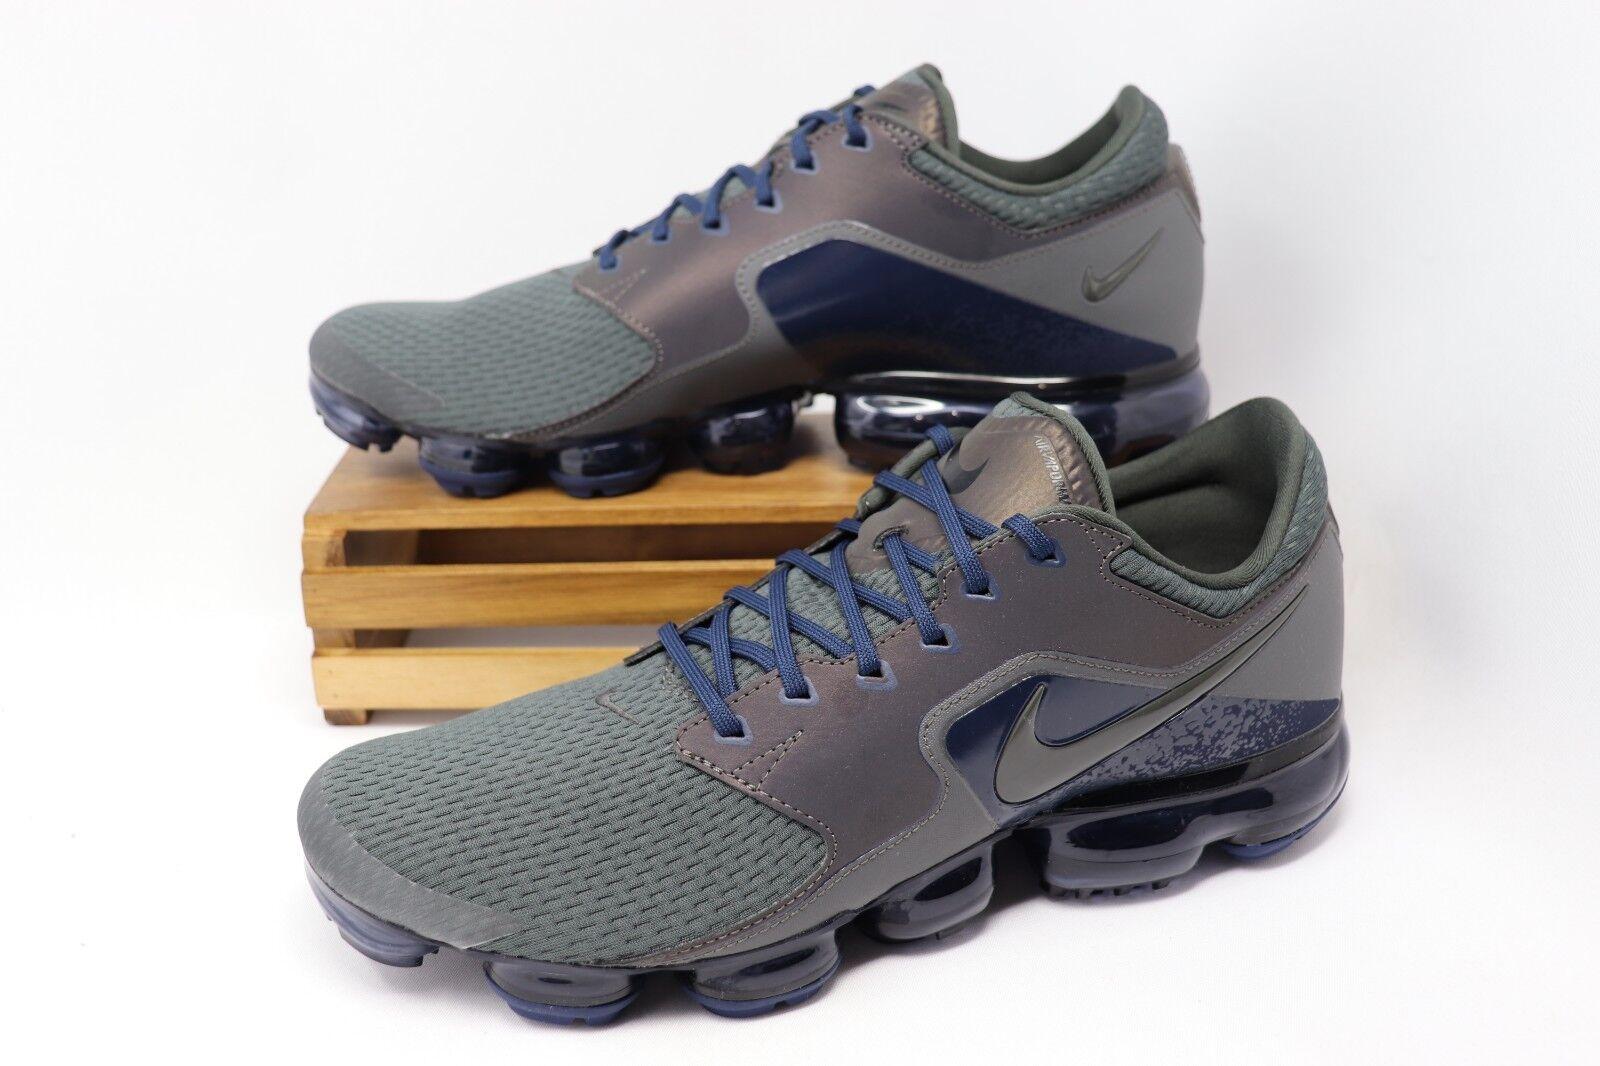 nike air vapormax r scarpe da corsa corsa corsa di mezzanotte nebbia aj4469-002 uomini nuovi * i * | Moda moderna ed elegante  | Uomini/Donne Scarpa  76cdbf